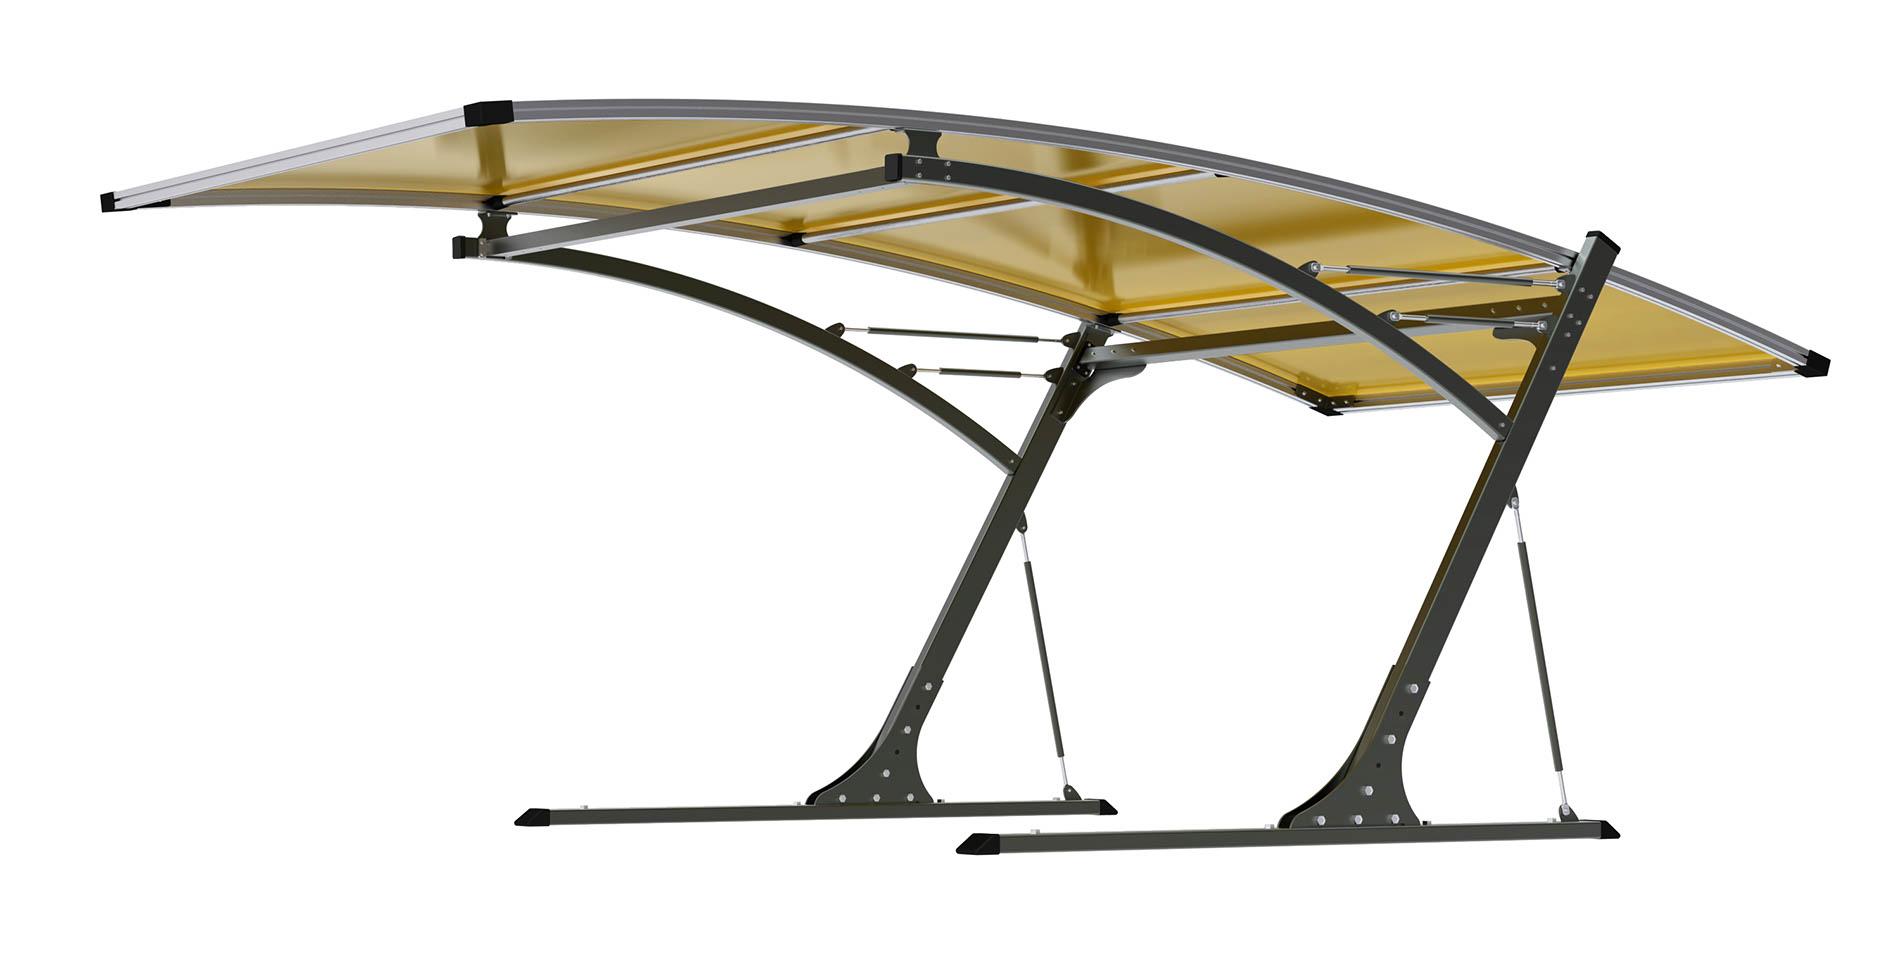 Přístřešek pro automobil G21 Carport black/yellow 5,8 x 3,1 m